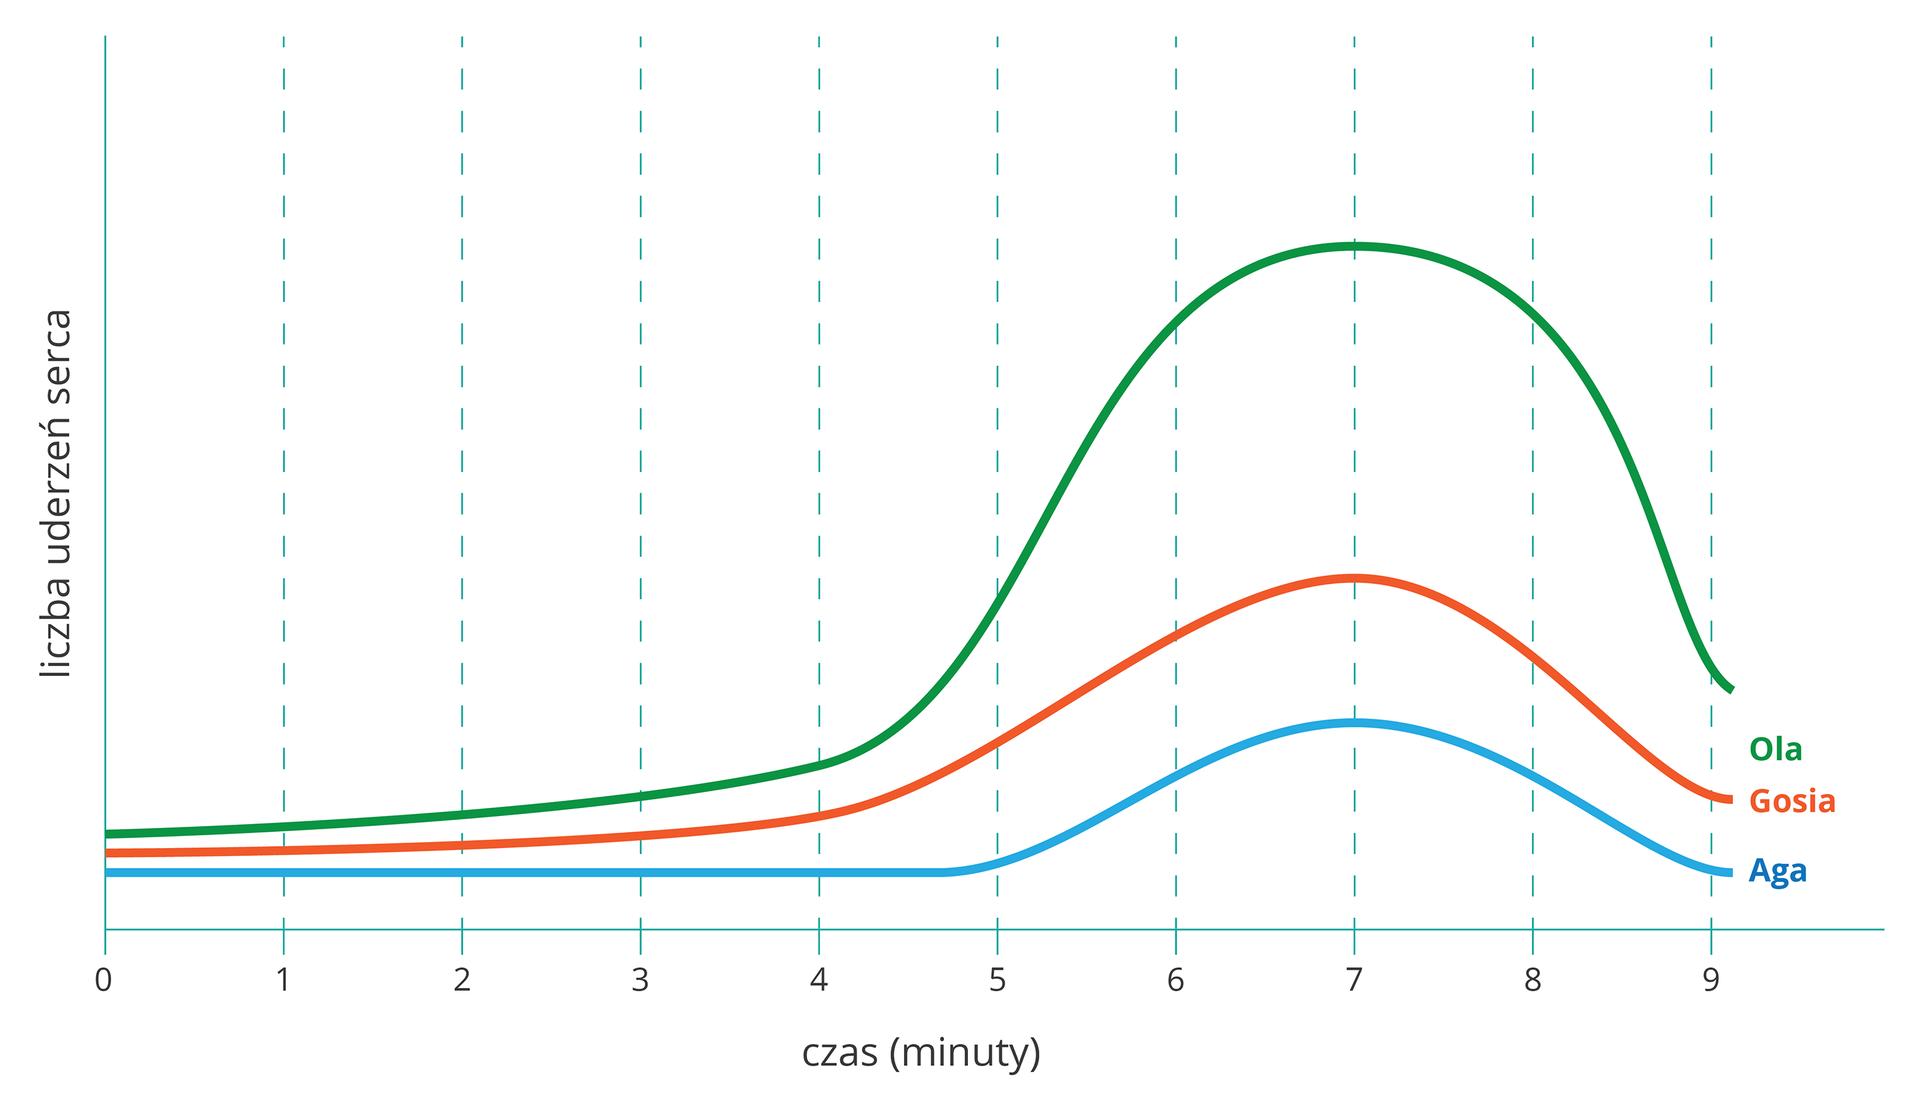 Wykres przedstawia trzy linie wkolorach: zielonym dla Oli, czerwonym dla Gosi iniebieskim dla Agi. Na osi Xzaznaczono czas wminutach, na osi Yliczbę uderzeń serca.